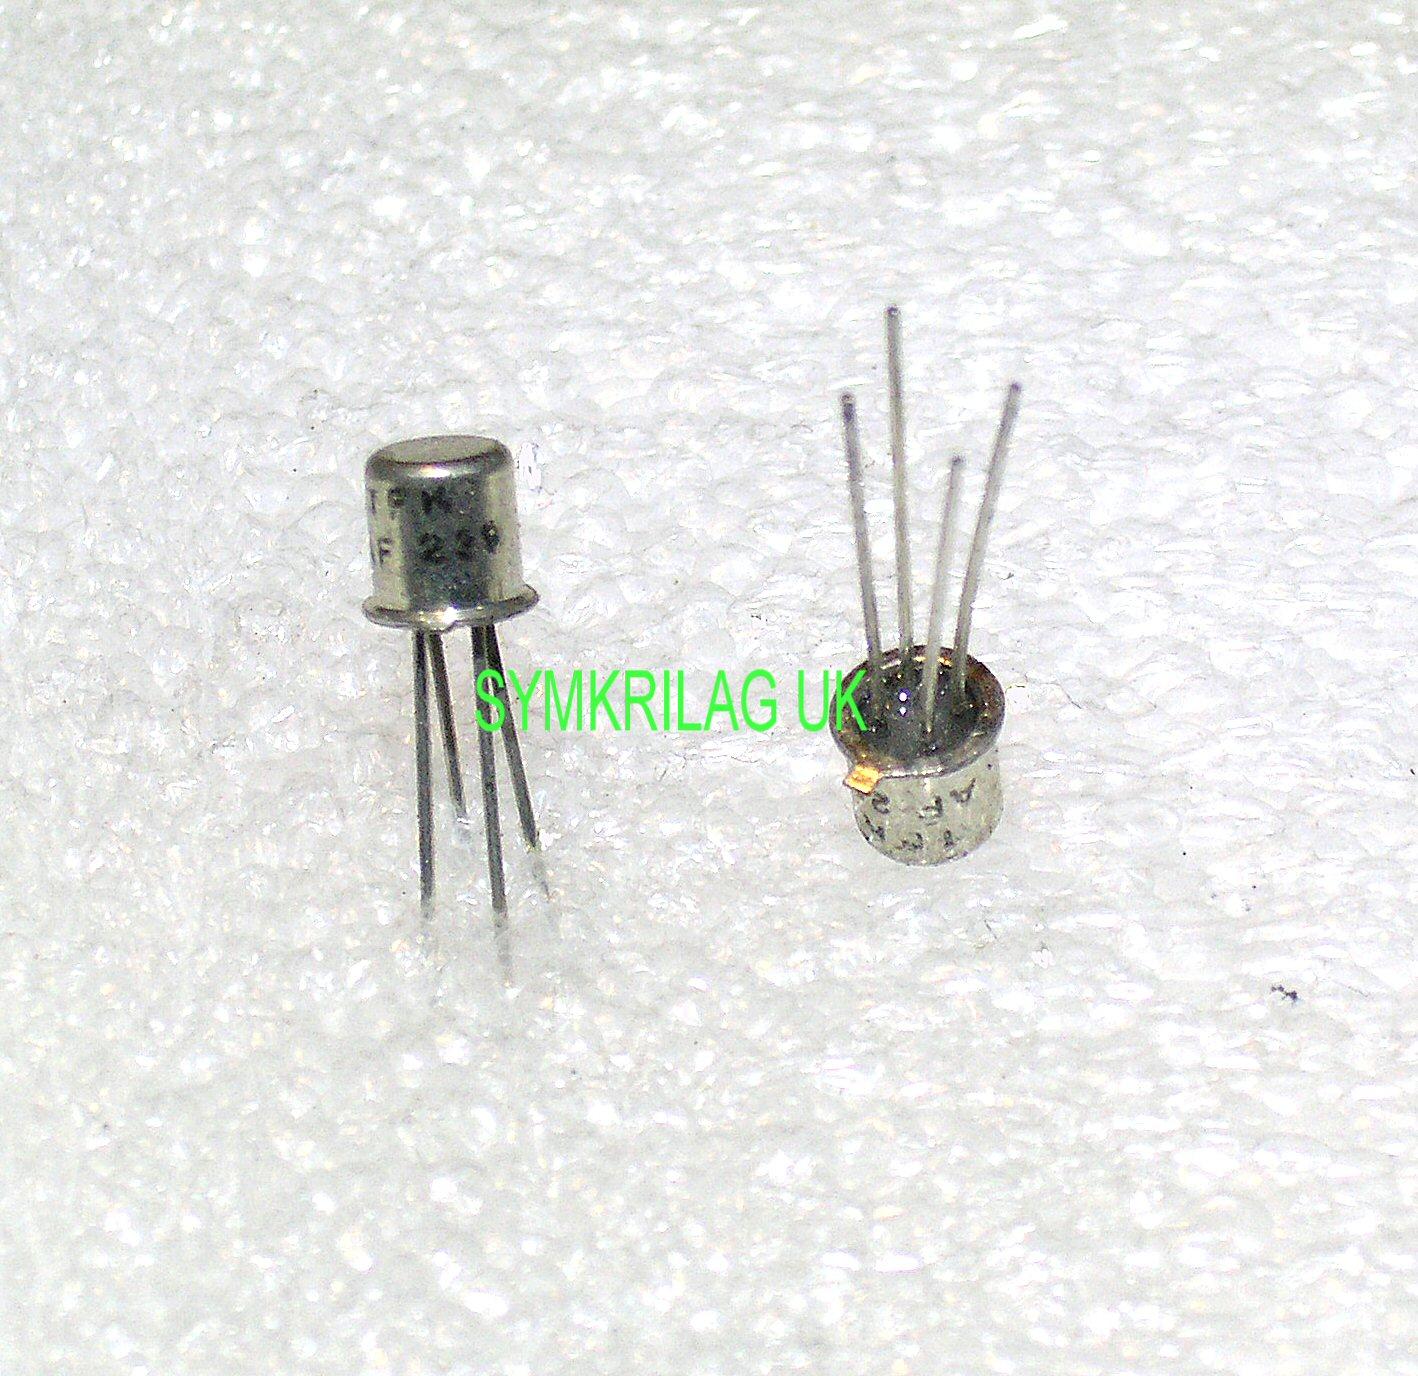 af239 tfk pnp germanium 900mhz transistor to